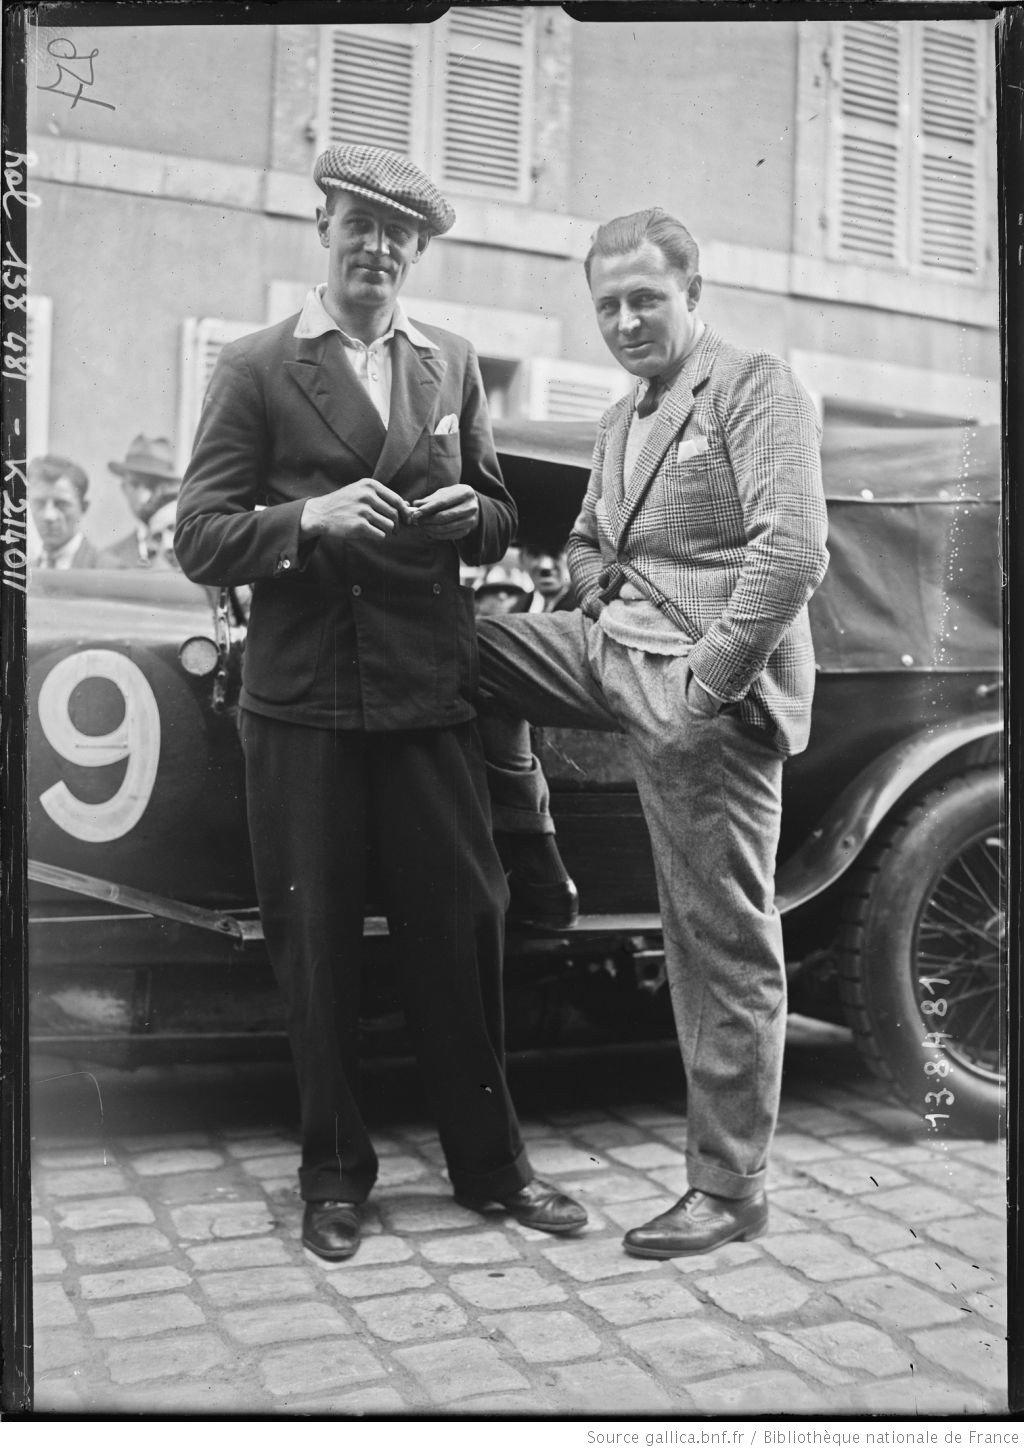 De gauche à droite, Jack] Dunfee, [Glen] Kidston sur Bentley [coureurs automobiles britanniques, au pesage des 24 h du Mans, le 130629]  [photographie de presse]  [Agence Rol].